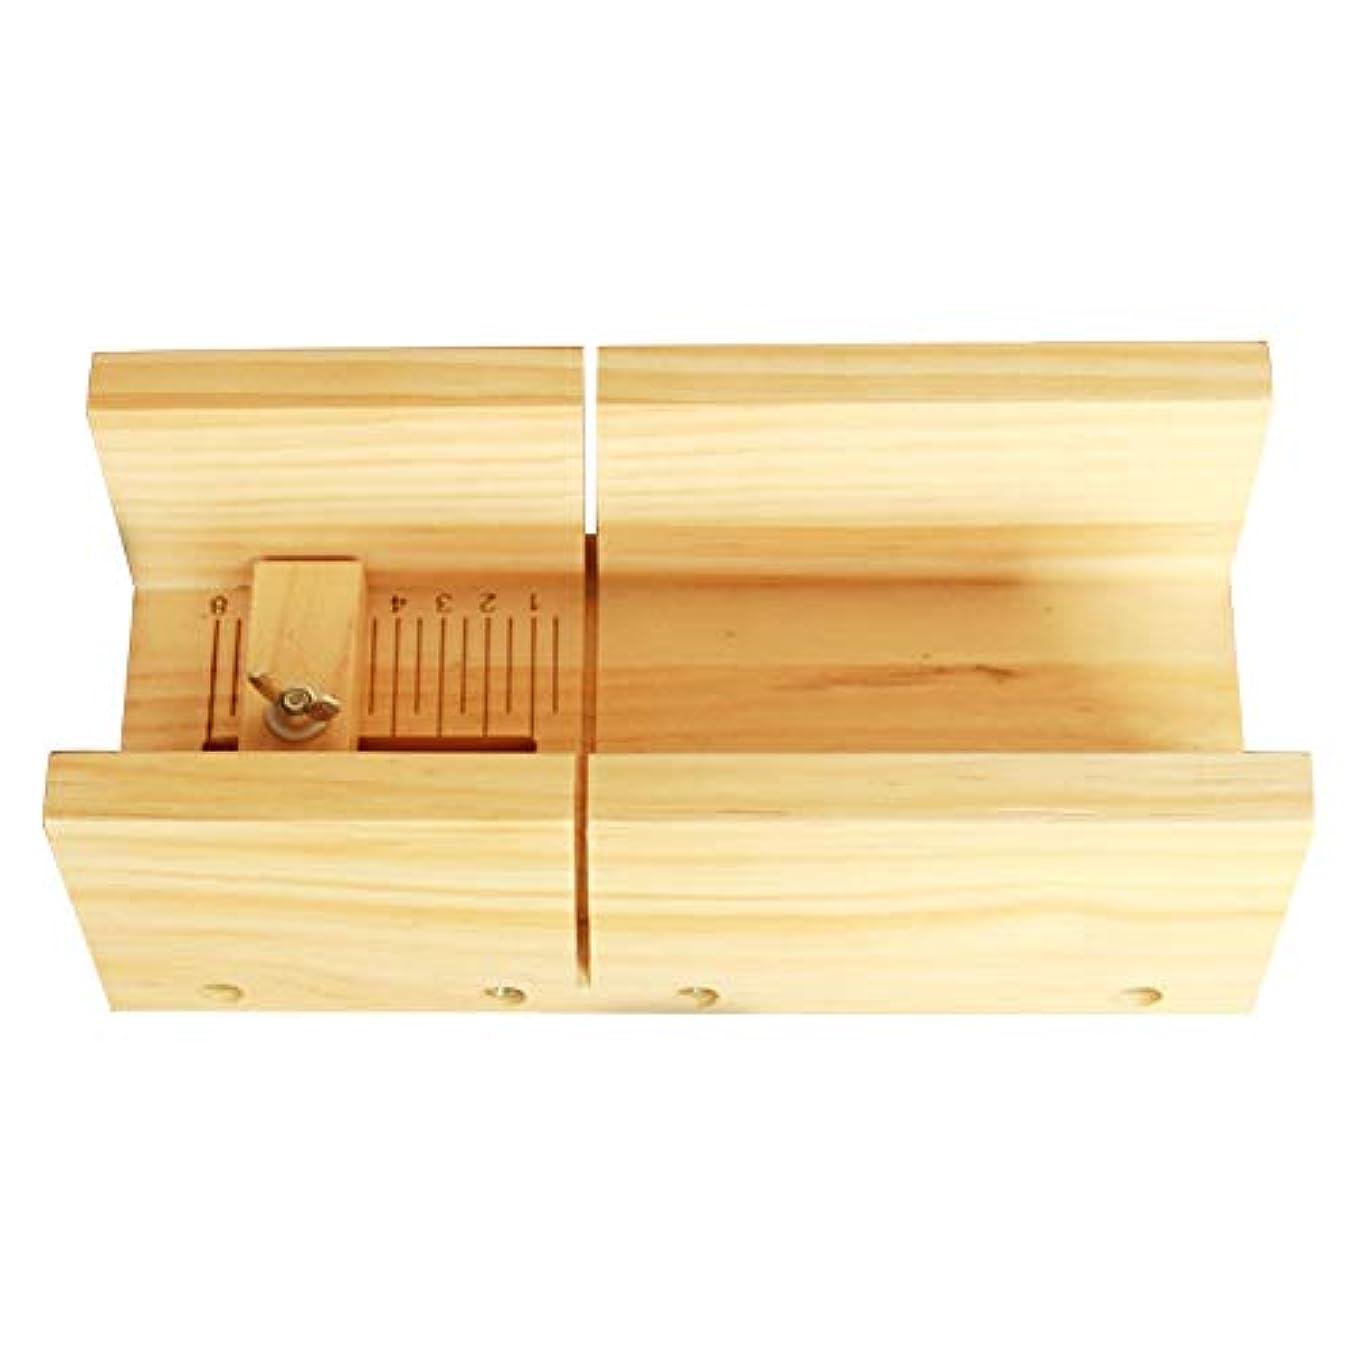 オフセットハンマー答えソープカッター、多機能ソープカッターキャンドルケーキチョコレートカッティングツール木製ボックス器具キャンドルスケール用DIYクラフトを作る